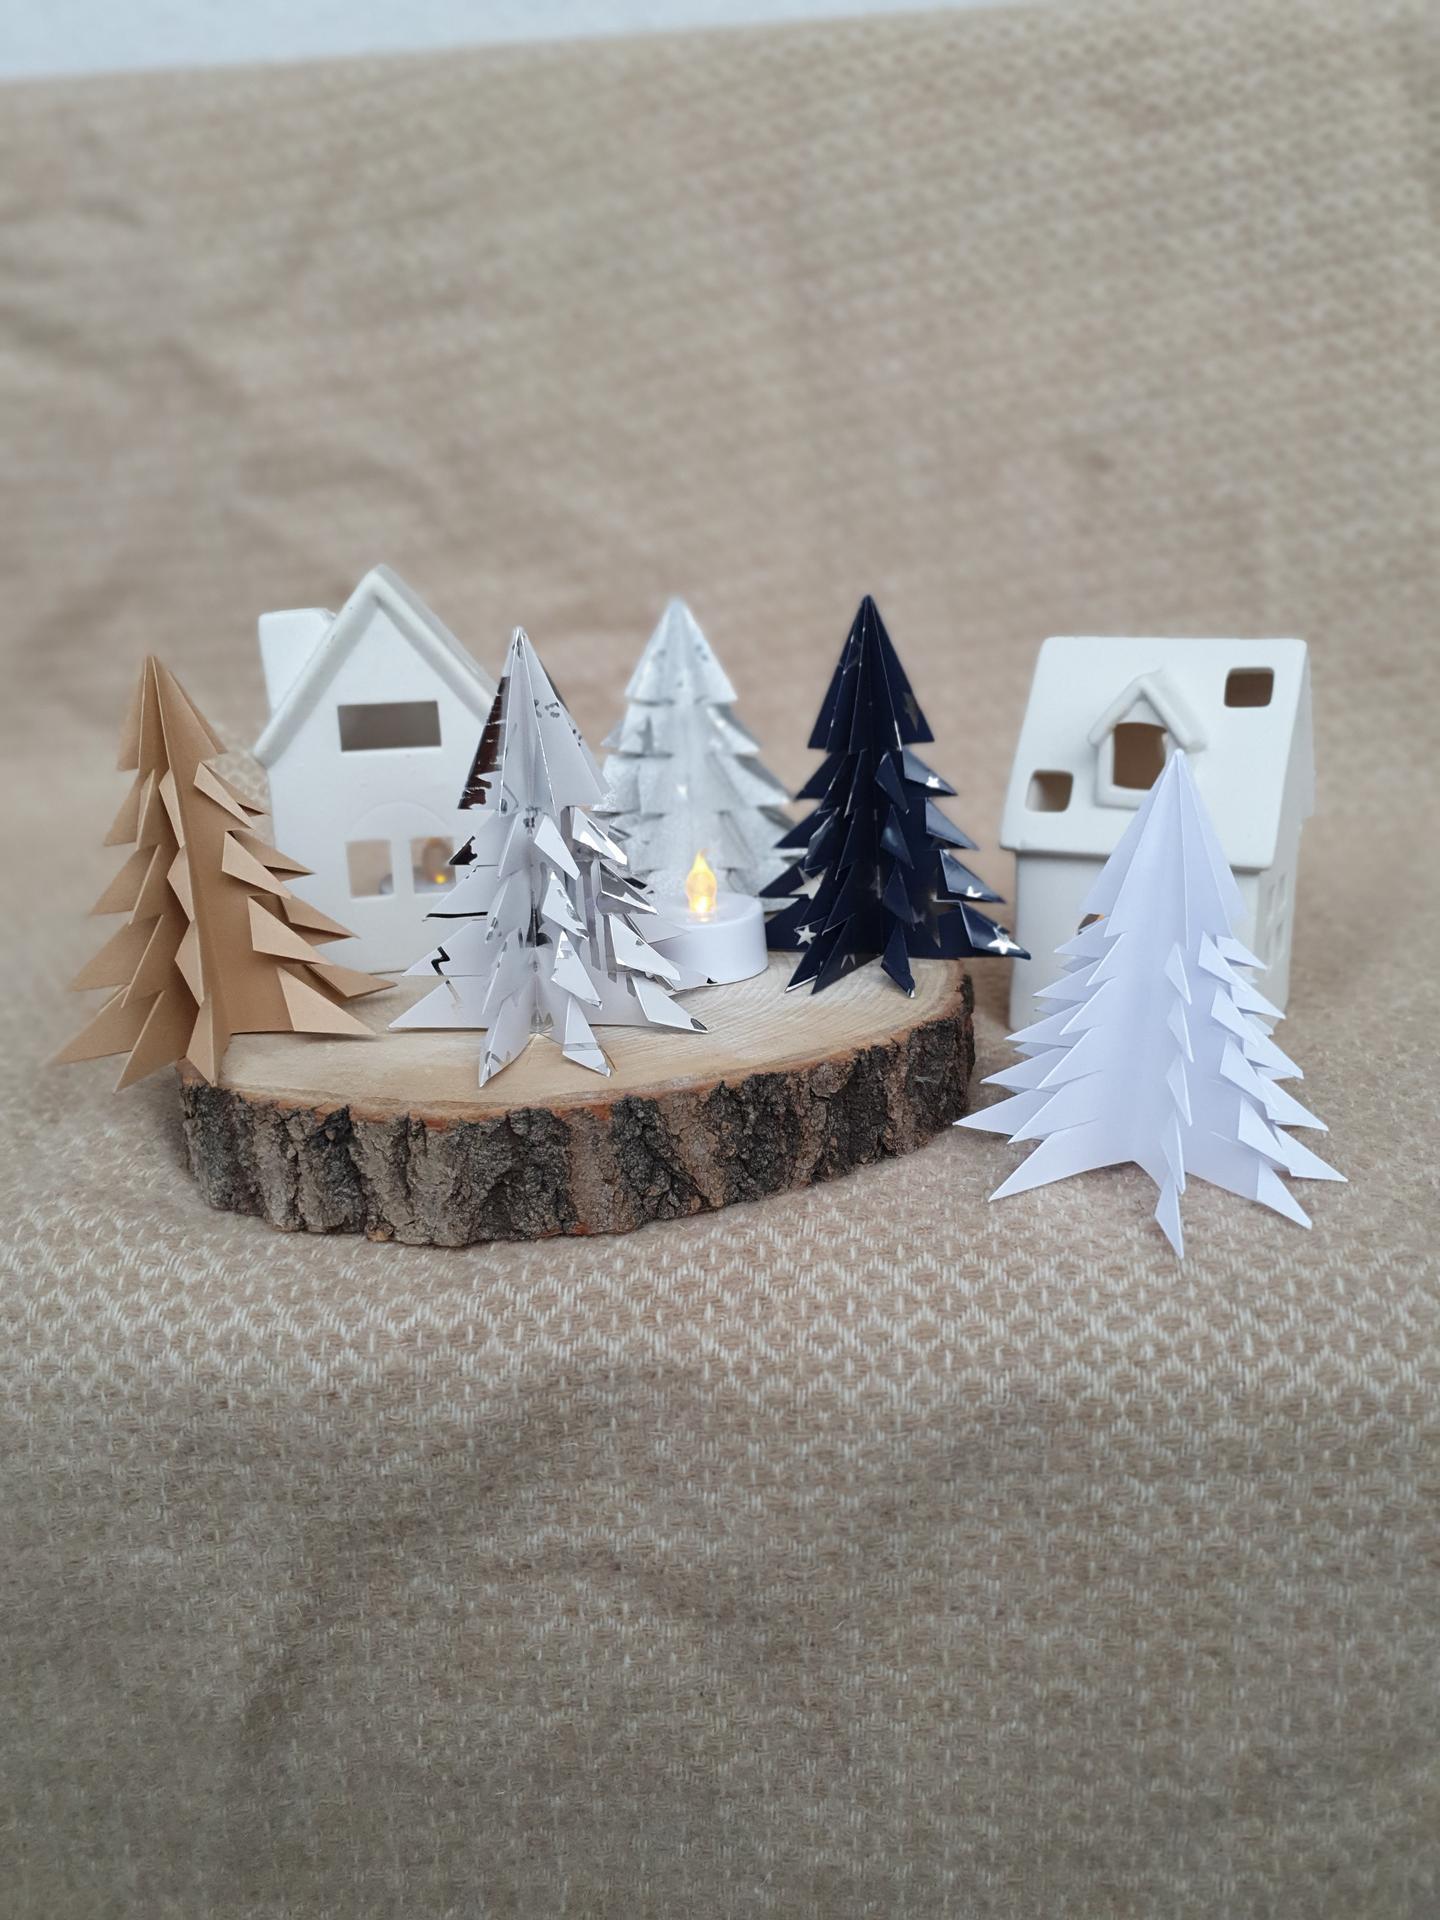 Vianočné dekorácie/Vianočná inšpirácia - Obrázok č. 32